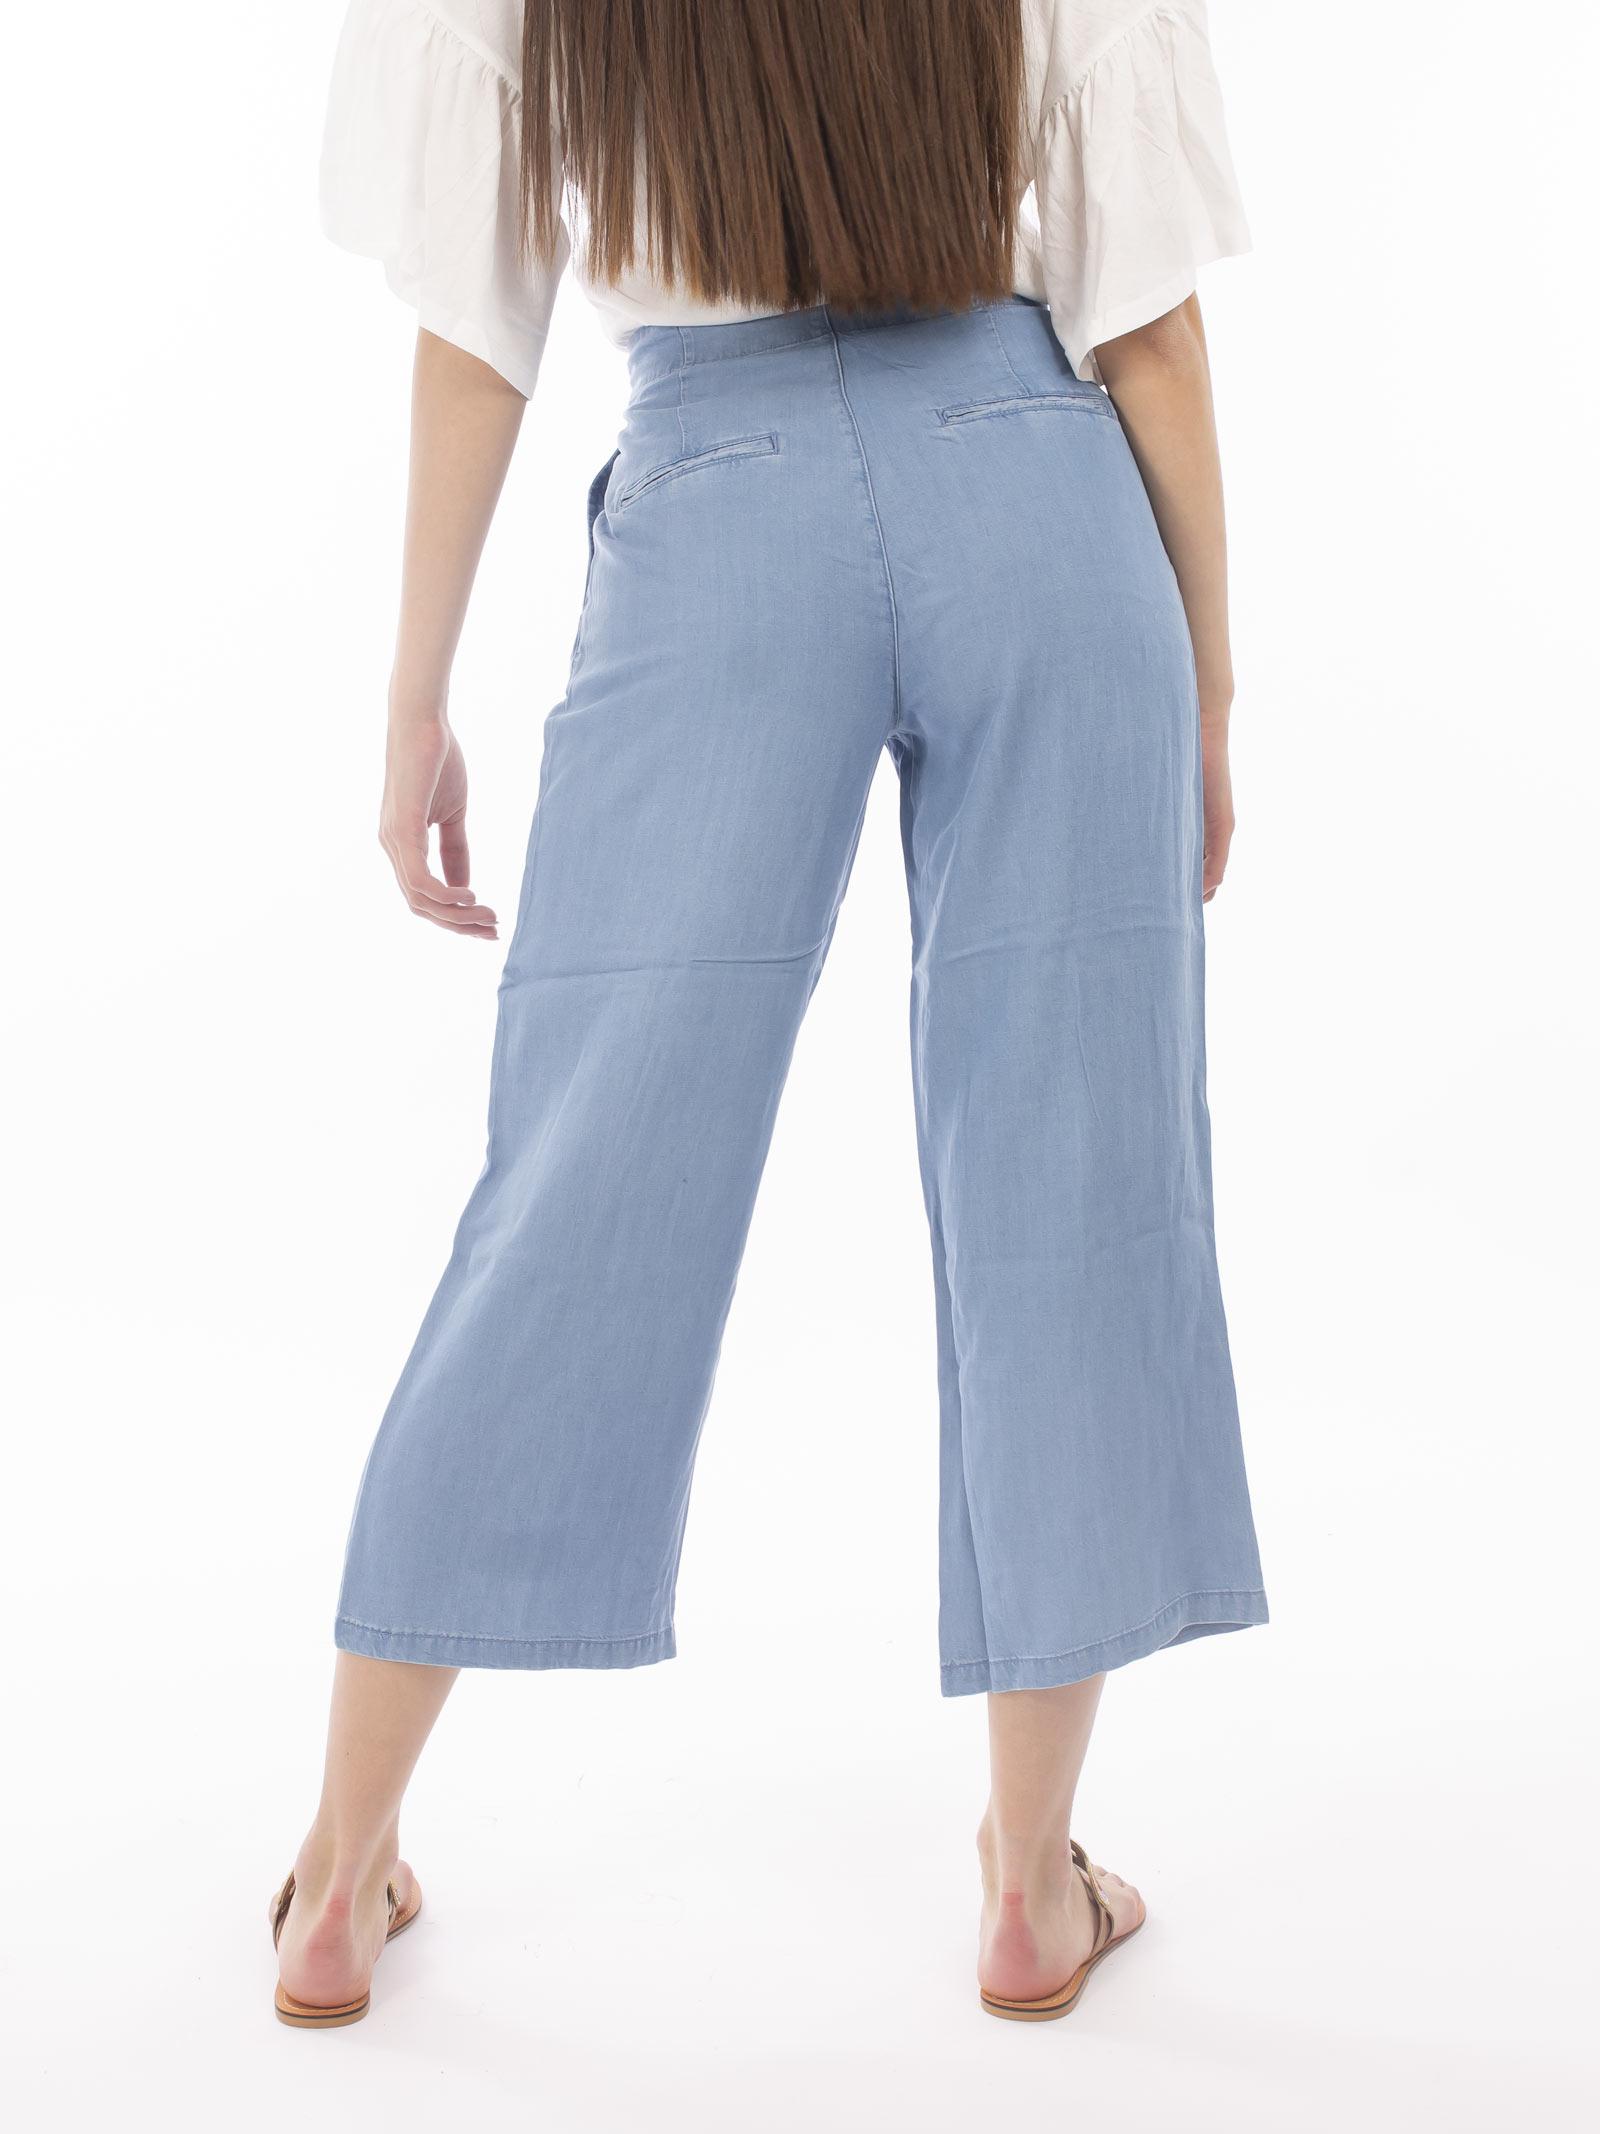 VERO MODA | Trousers | 10225395CELESTE